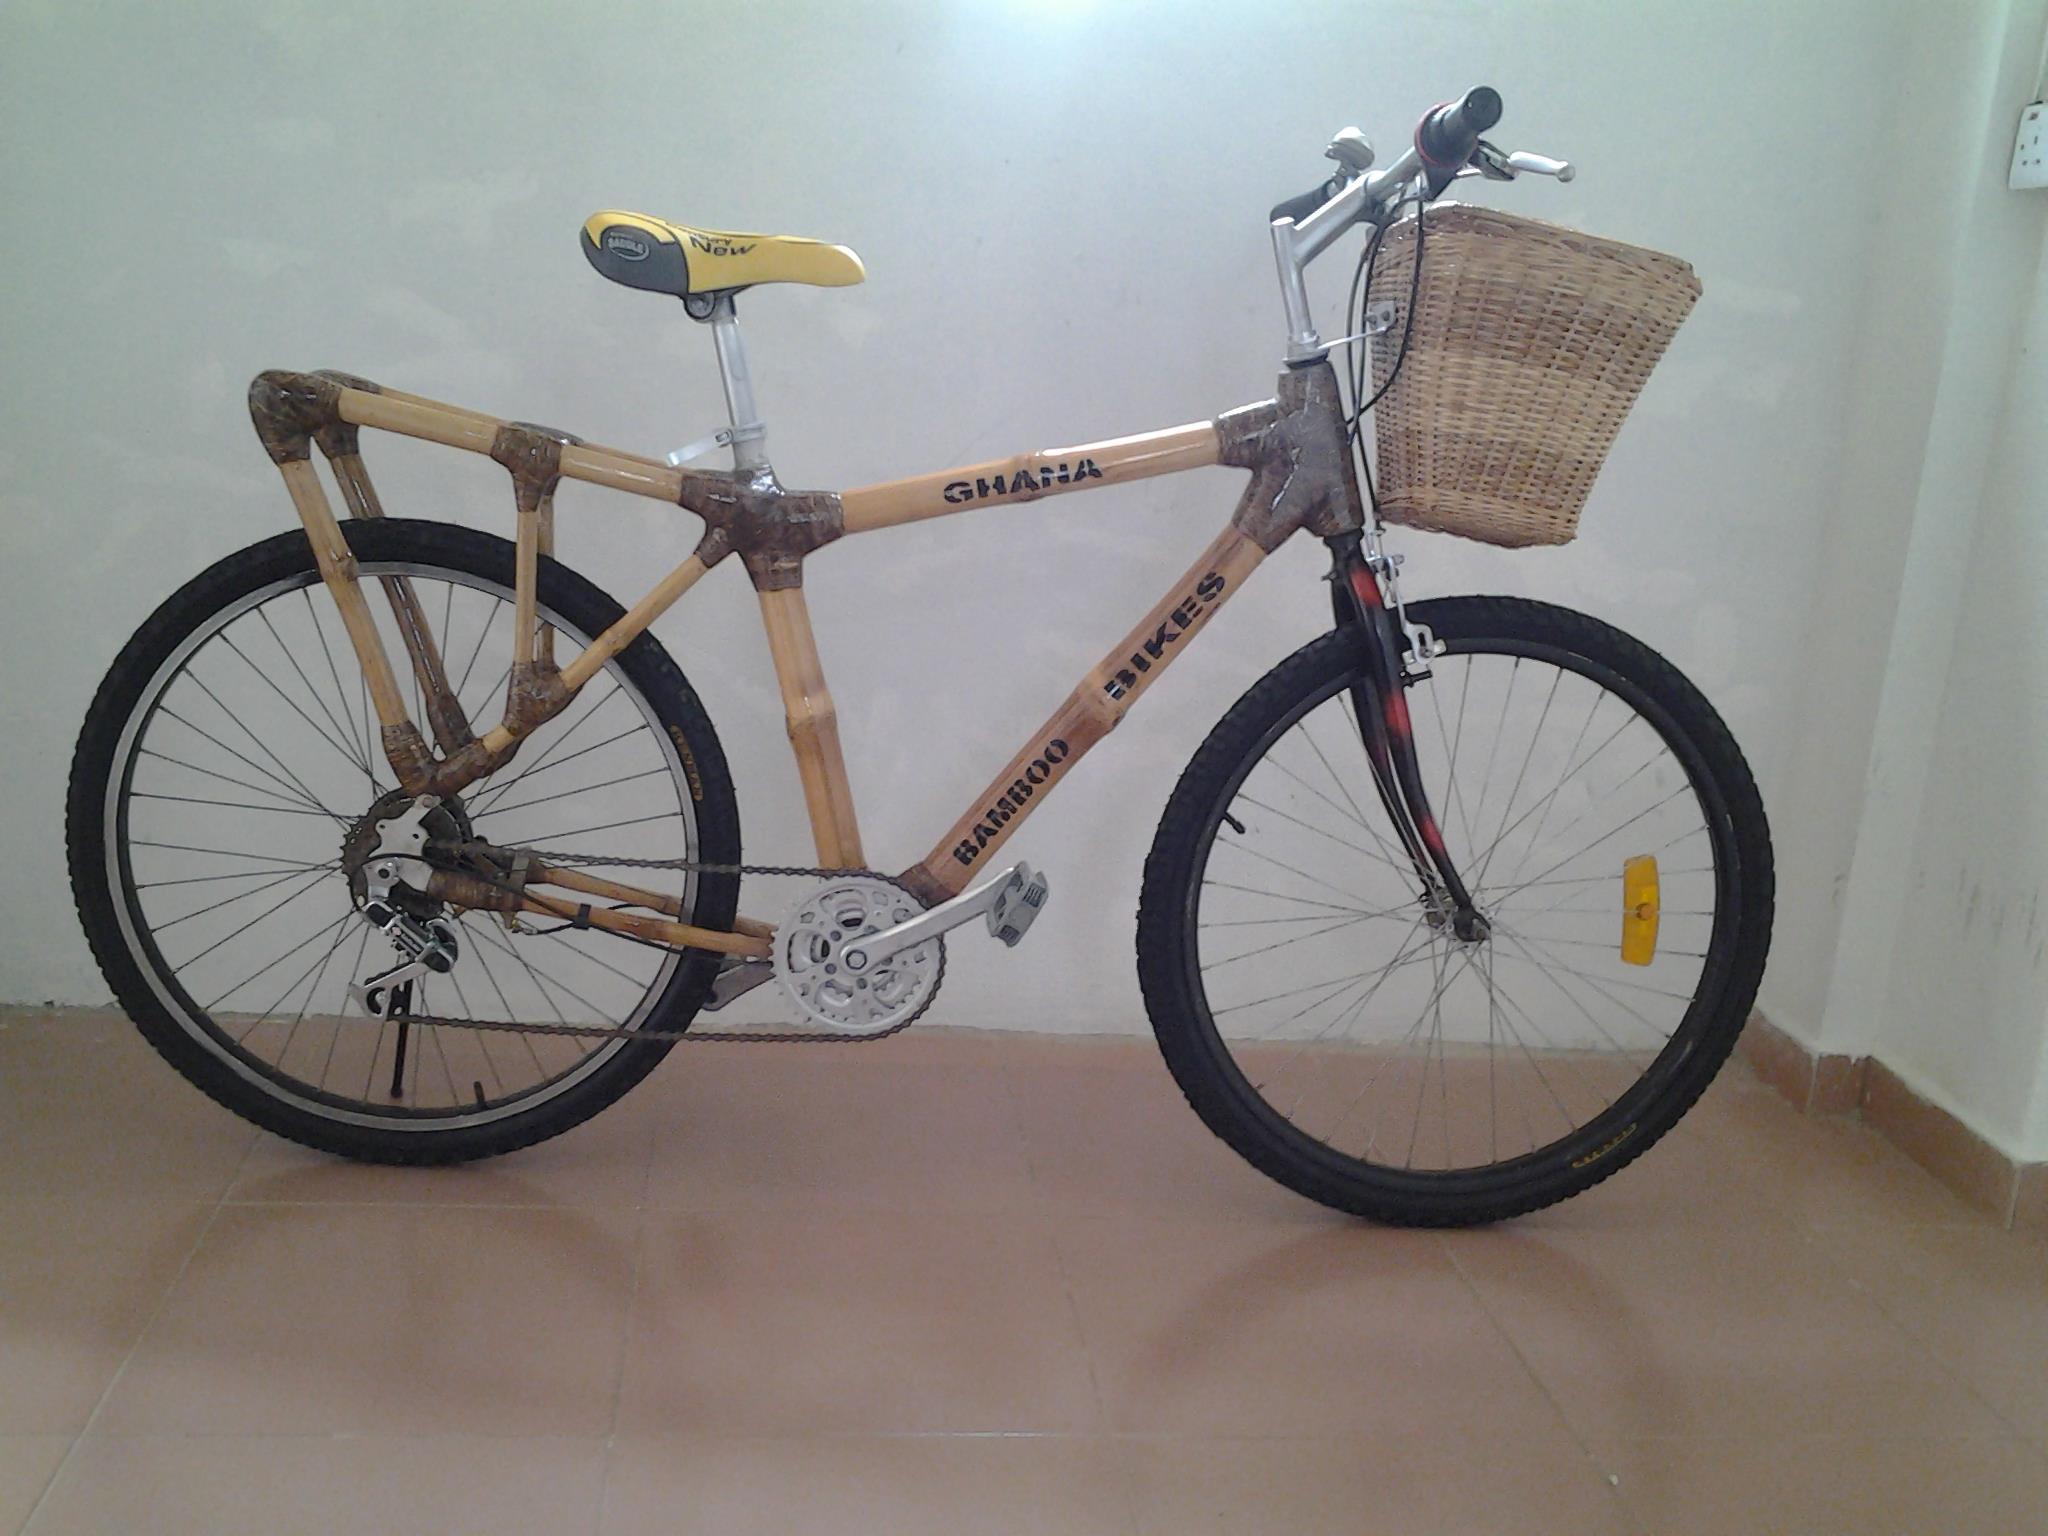 Nel 1894, meno di un decennio dopo l'invenzione della bicicletta di sicurezza, l'inglese Bamboo Bicycle Company Ltd. presentò al pubblico i primi telai in bambù.